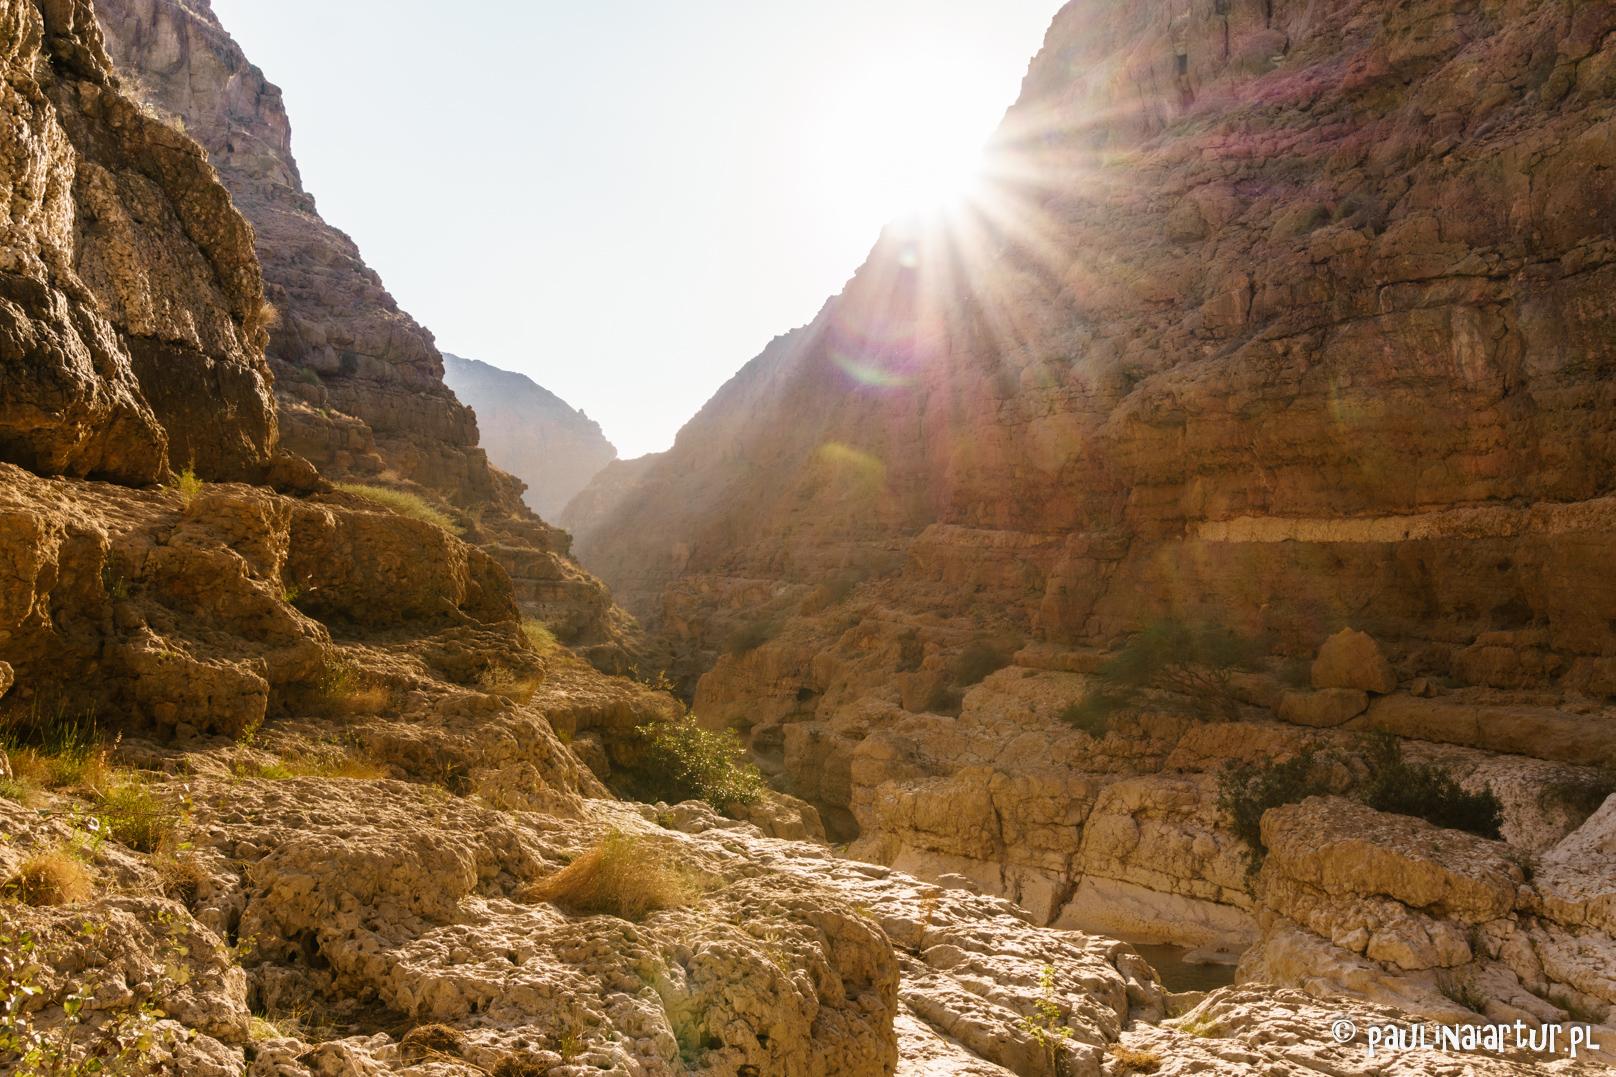 Zachód słońca w Wadi Shab